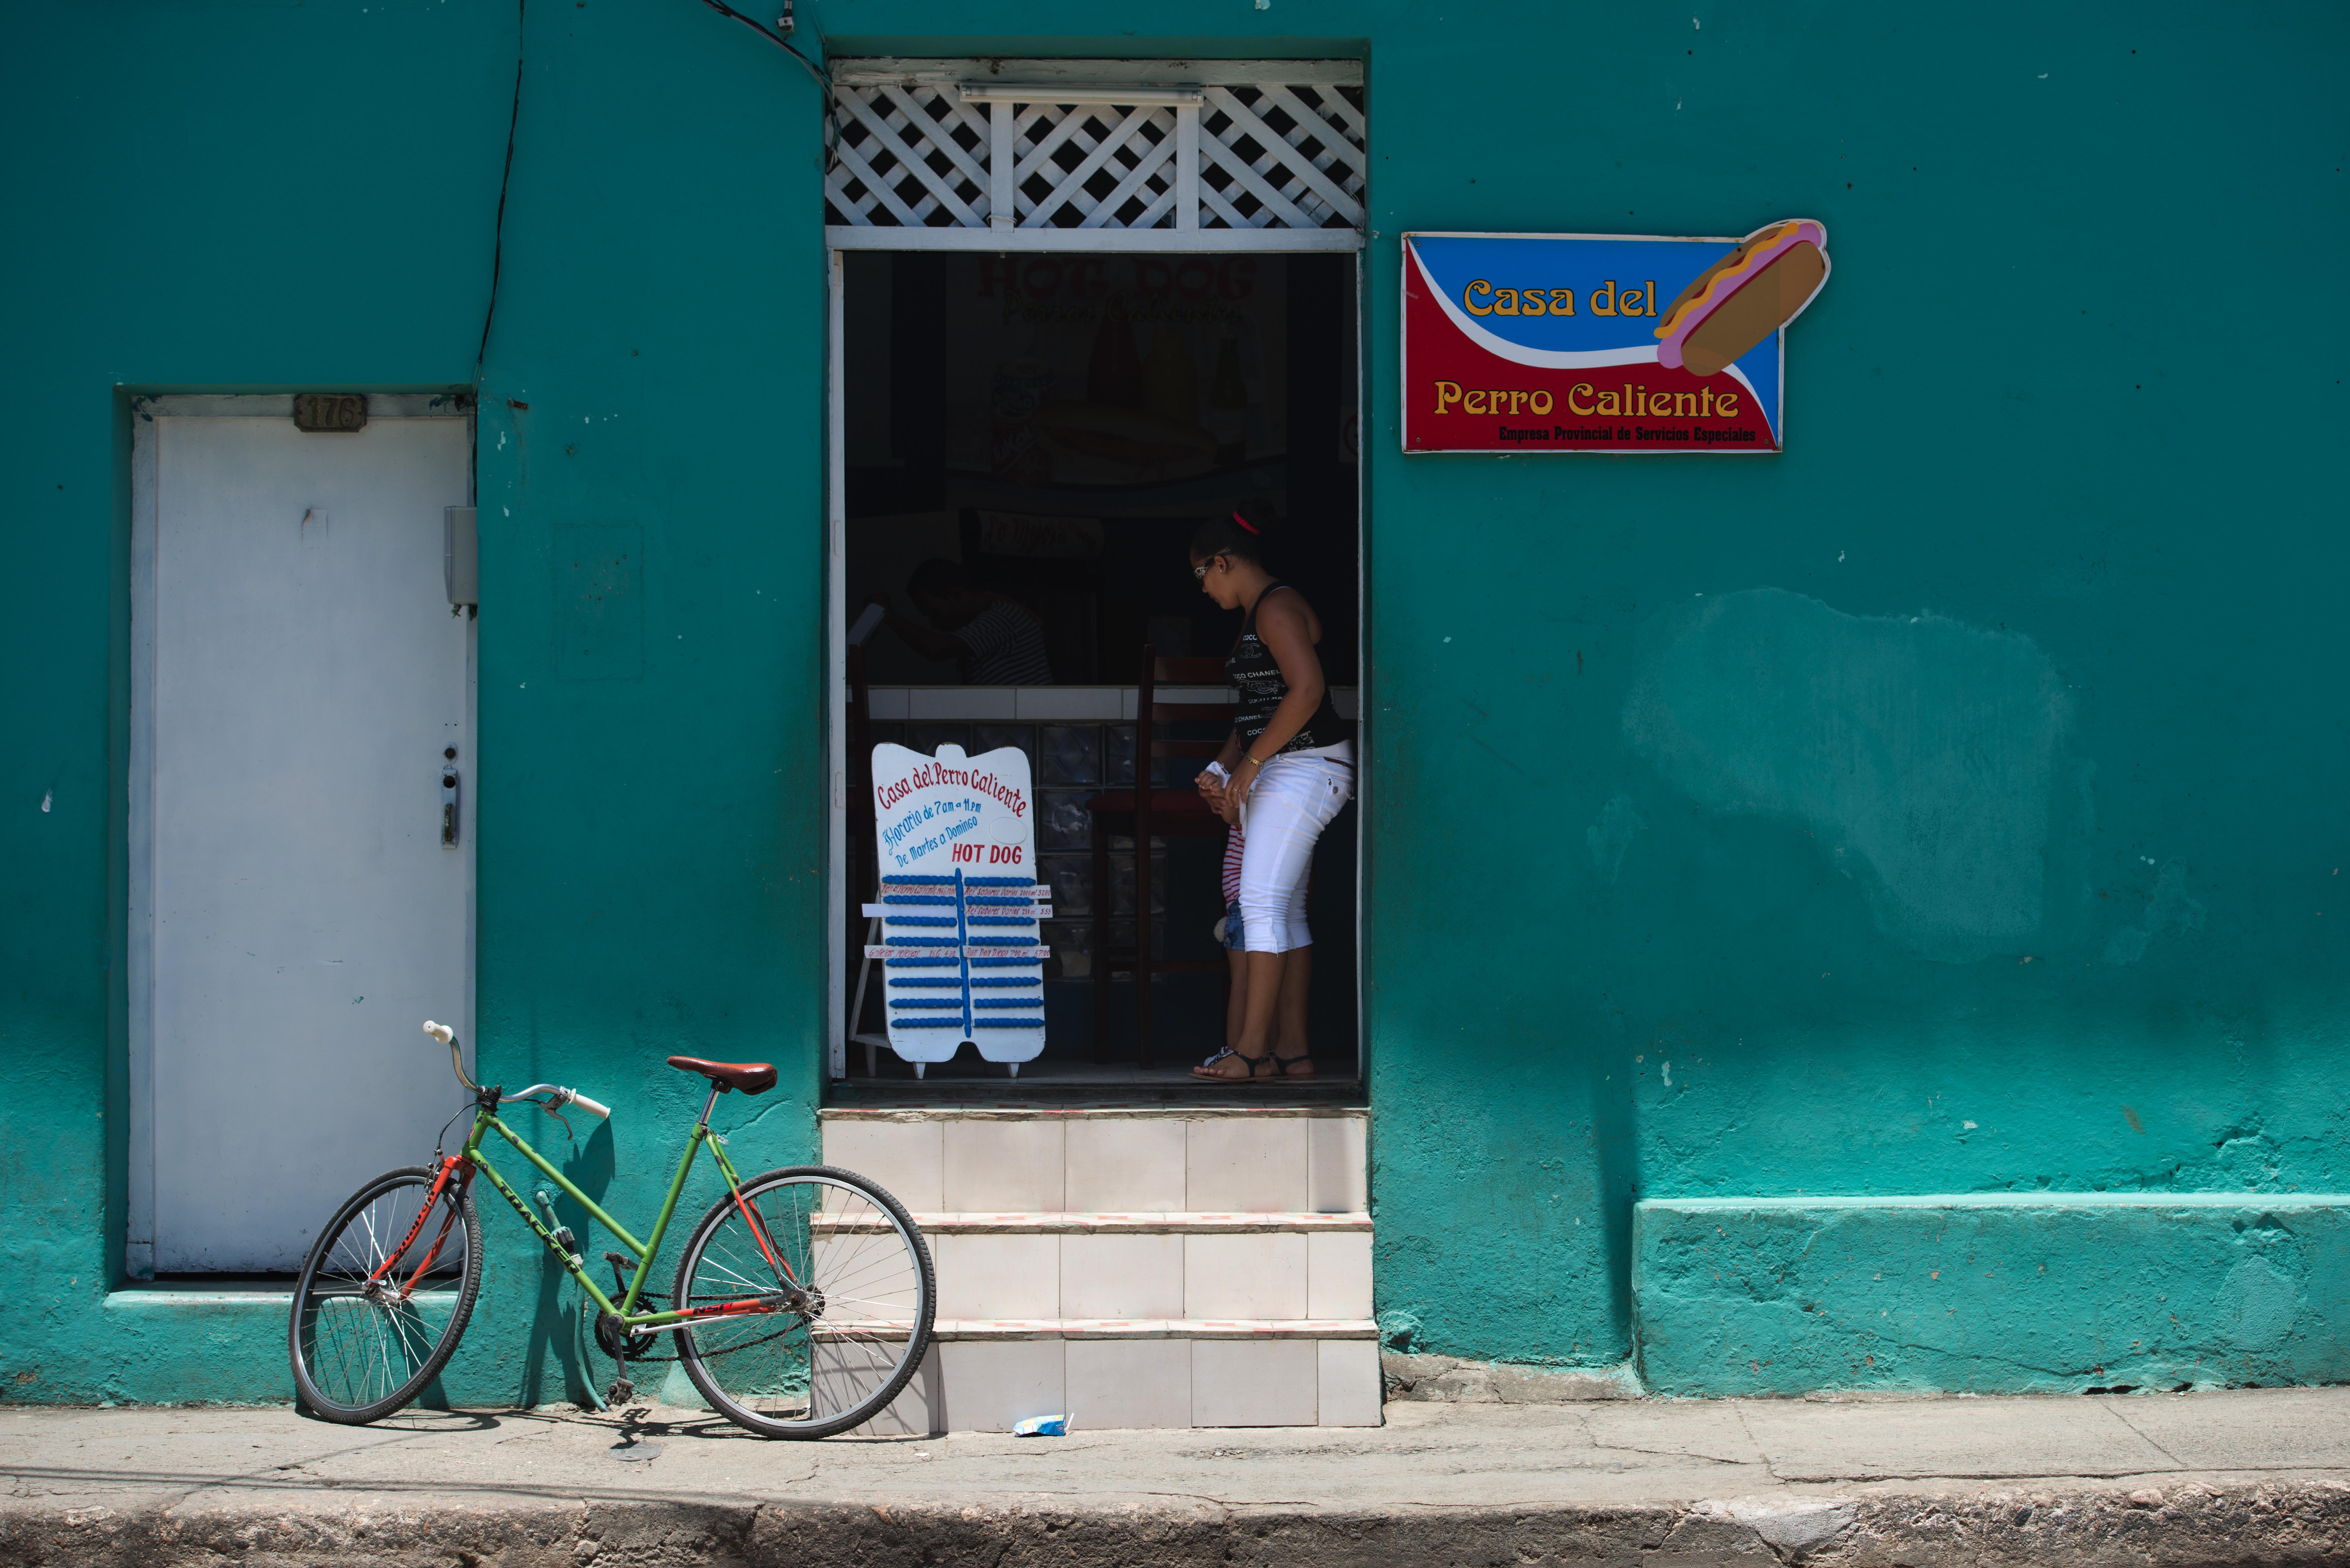 Baracoa_CasaPerroCaliente_2770Baracoa_CasaPerroCalientelow